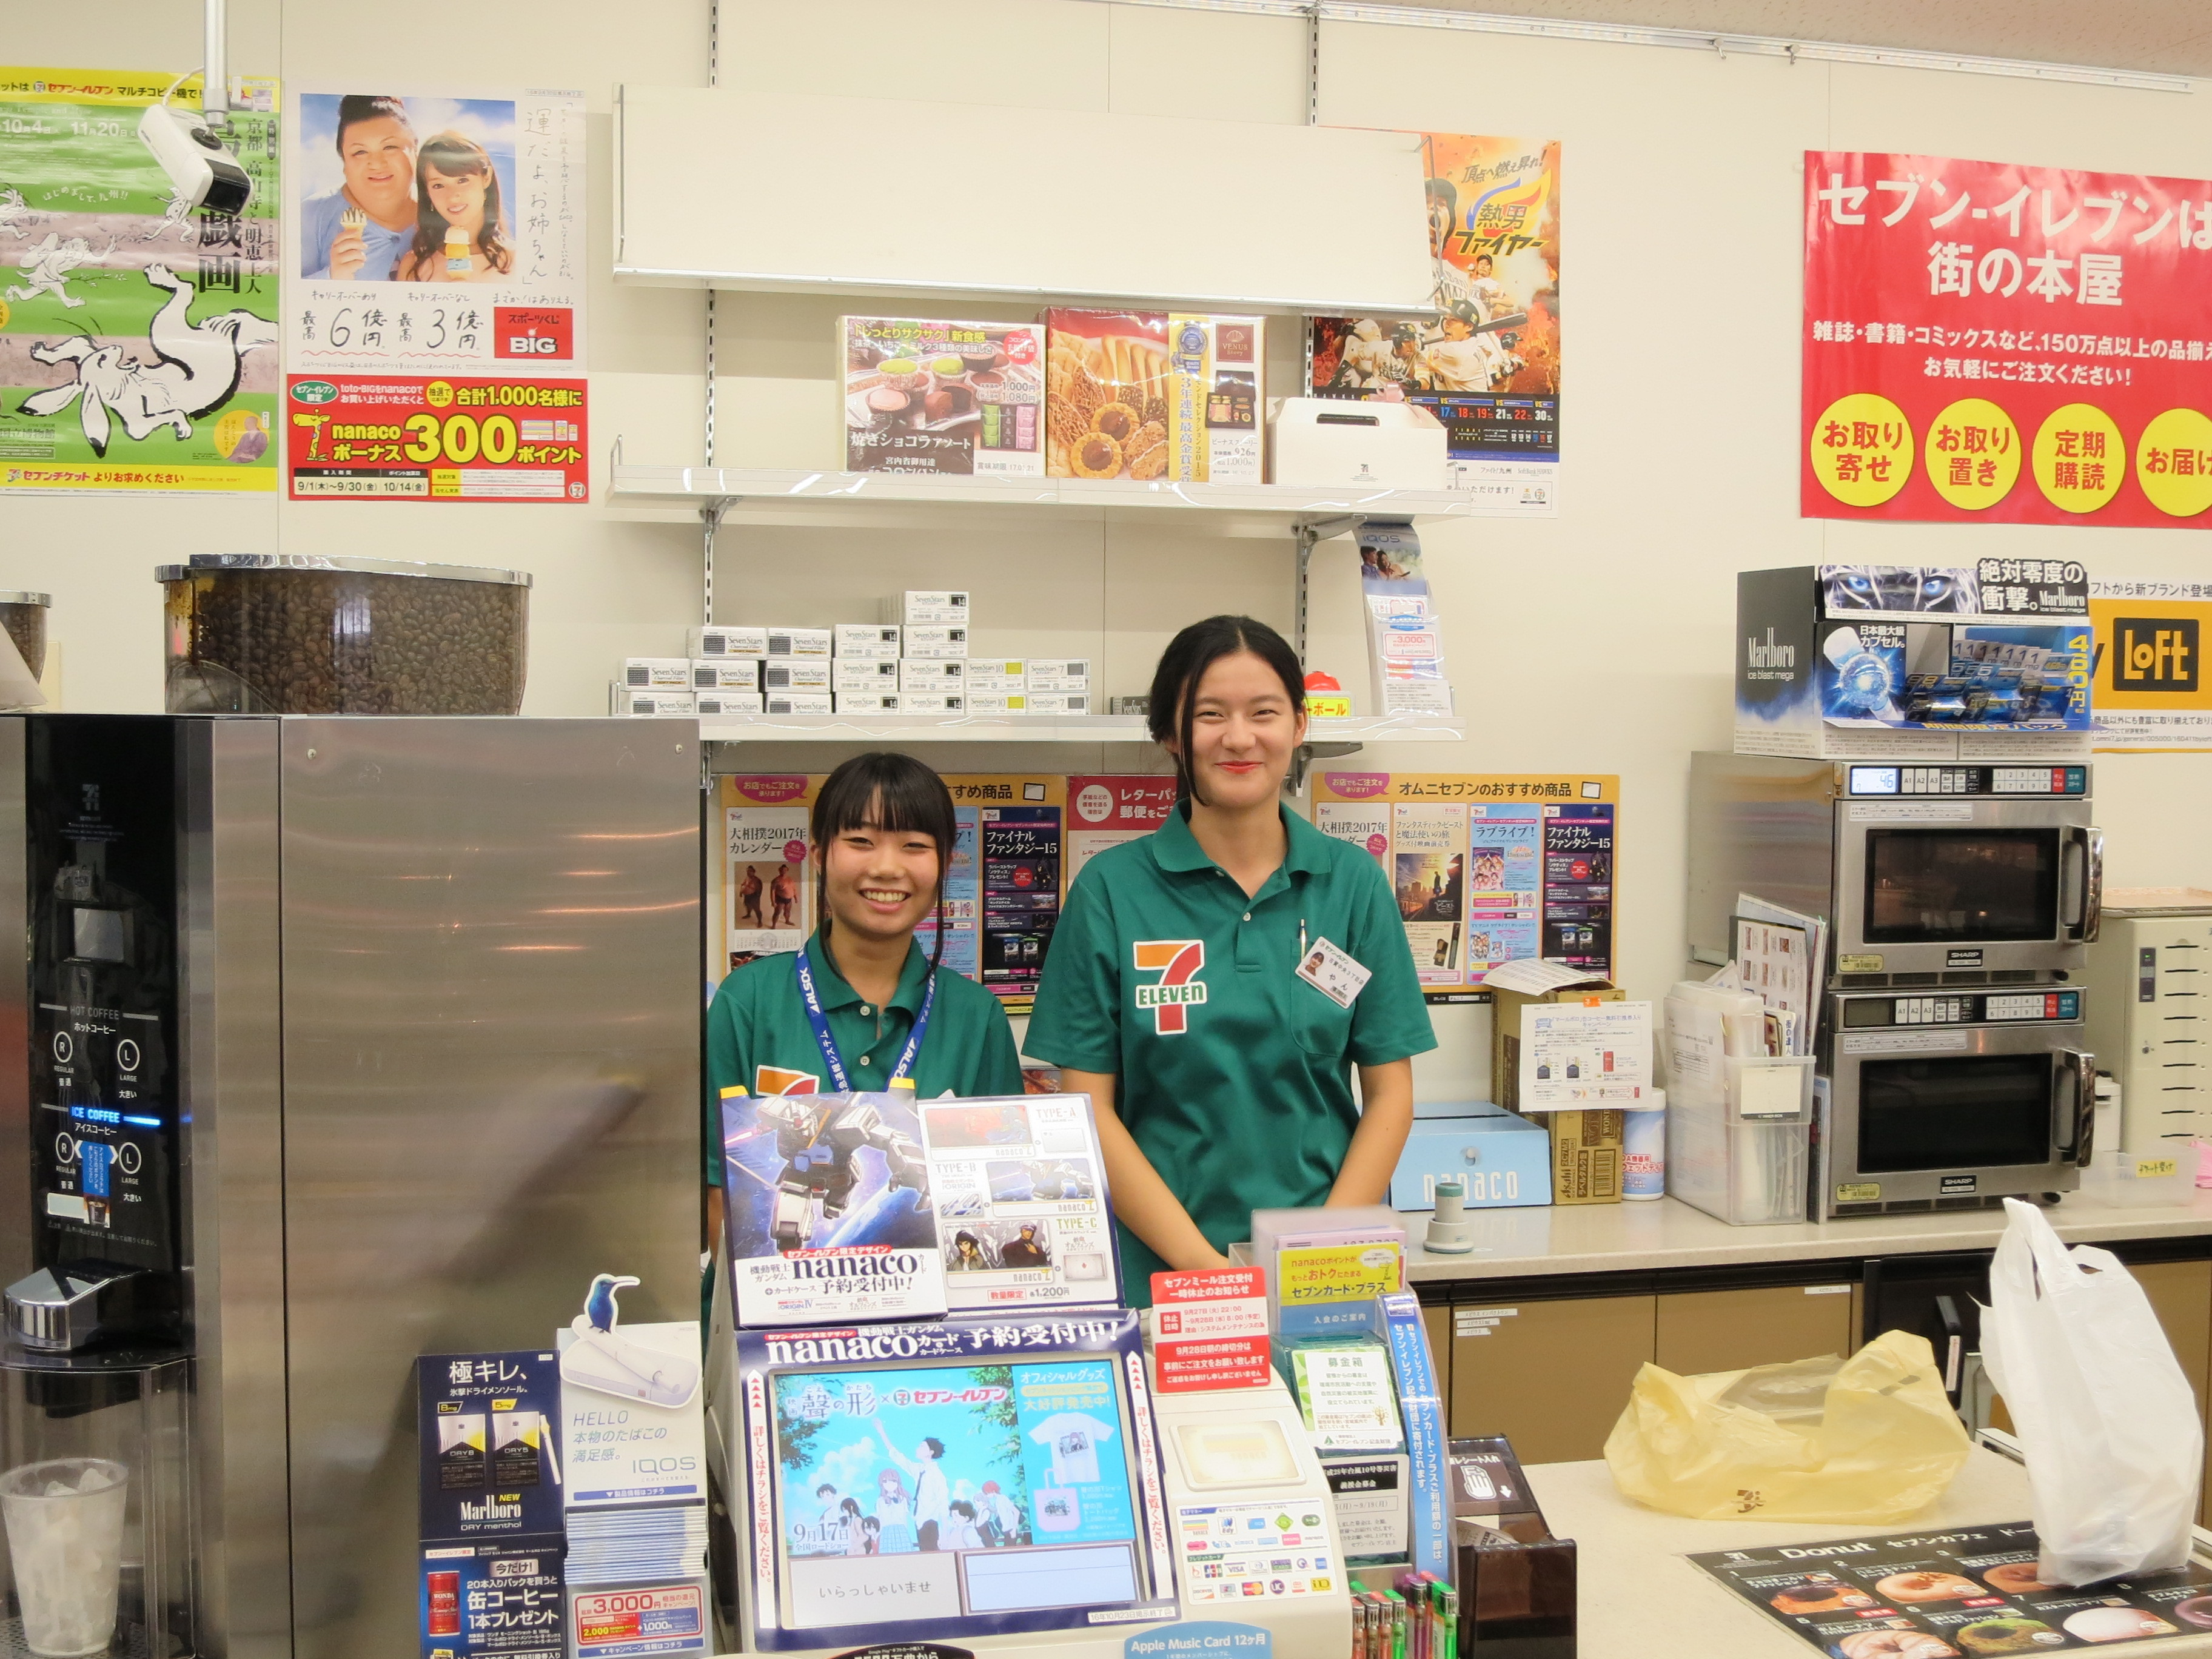 セブンイレブン 古賀中央3丁目店 のアルバイト情報